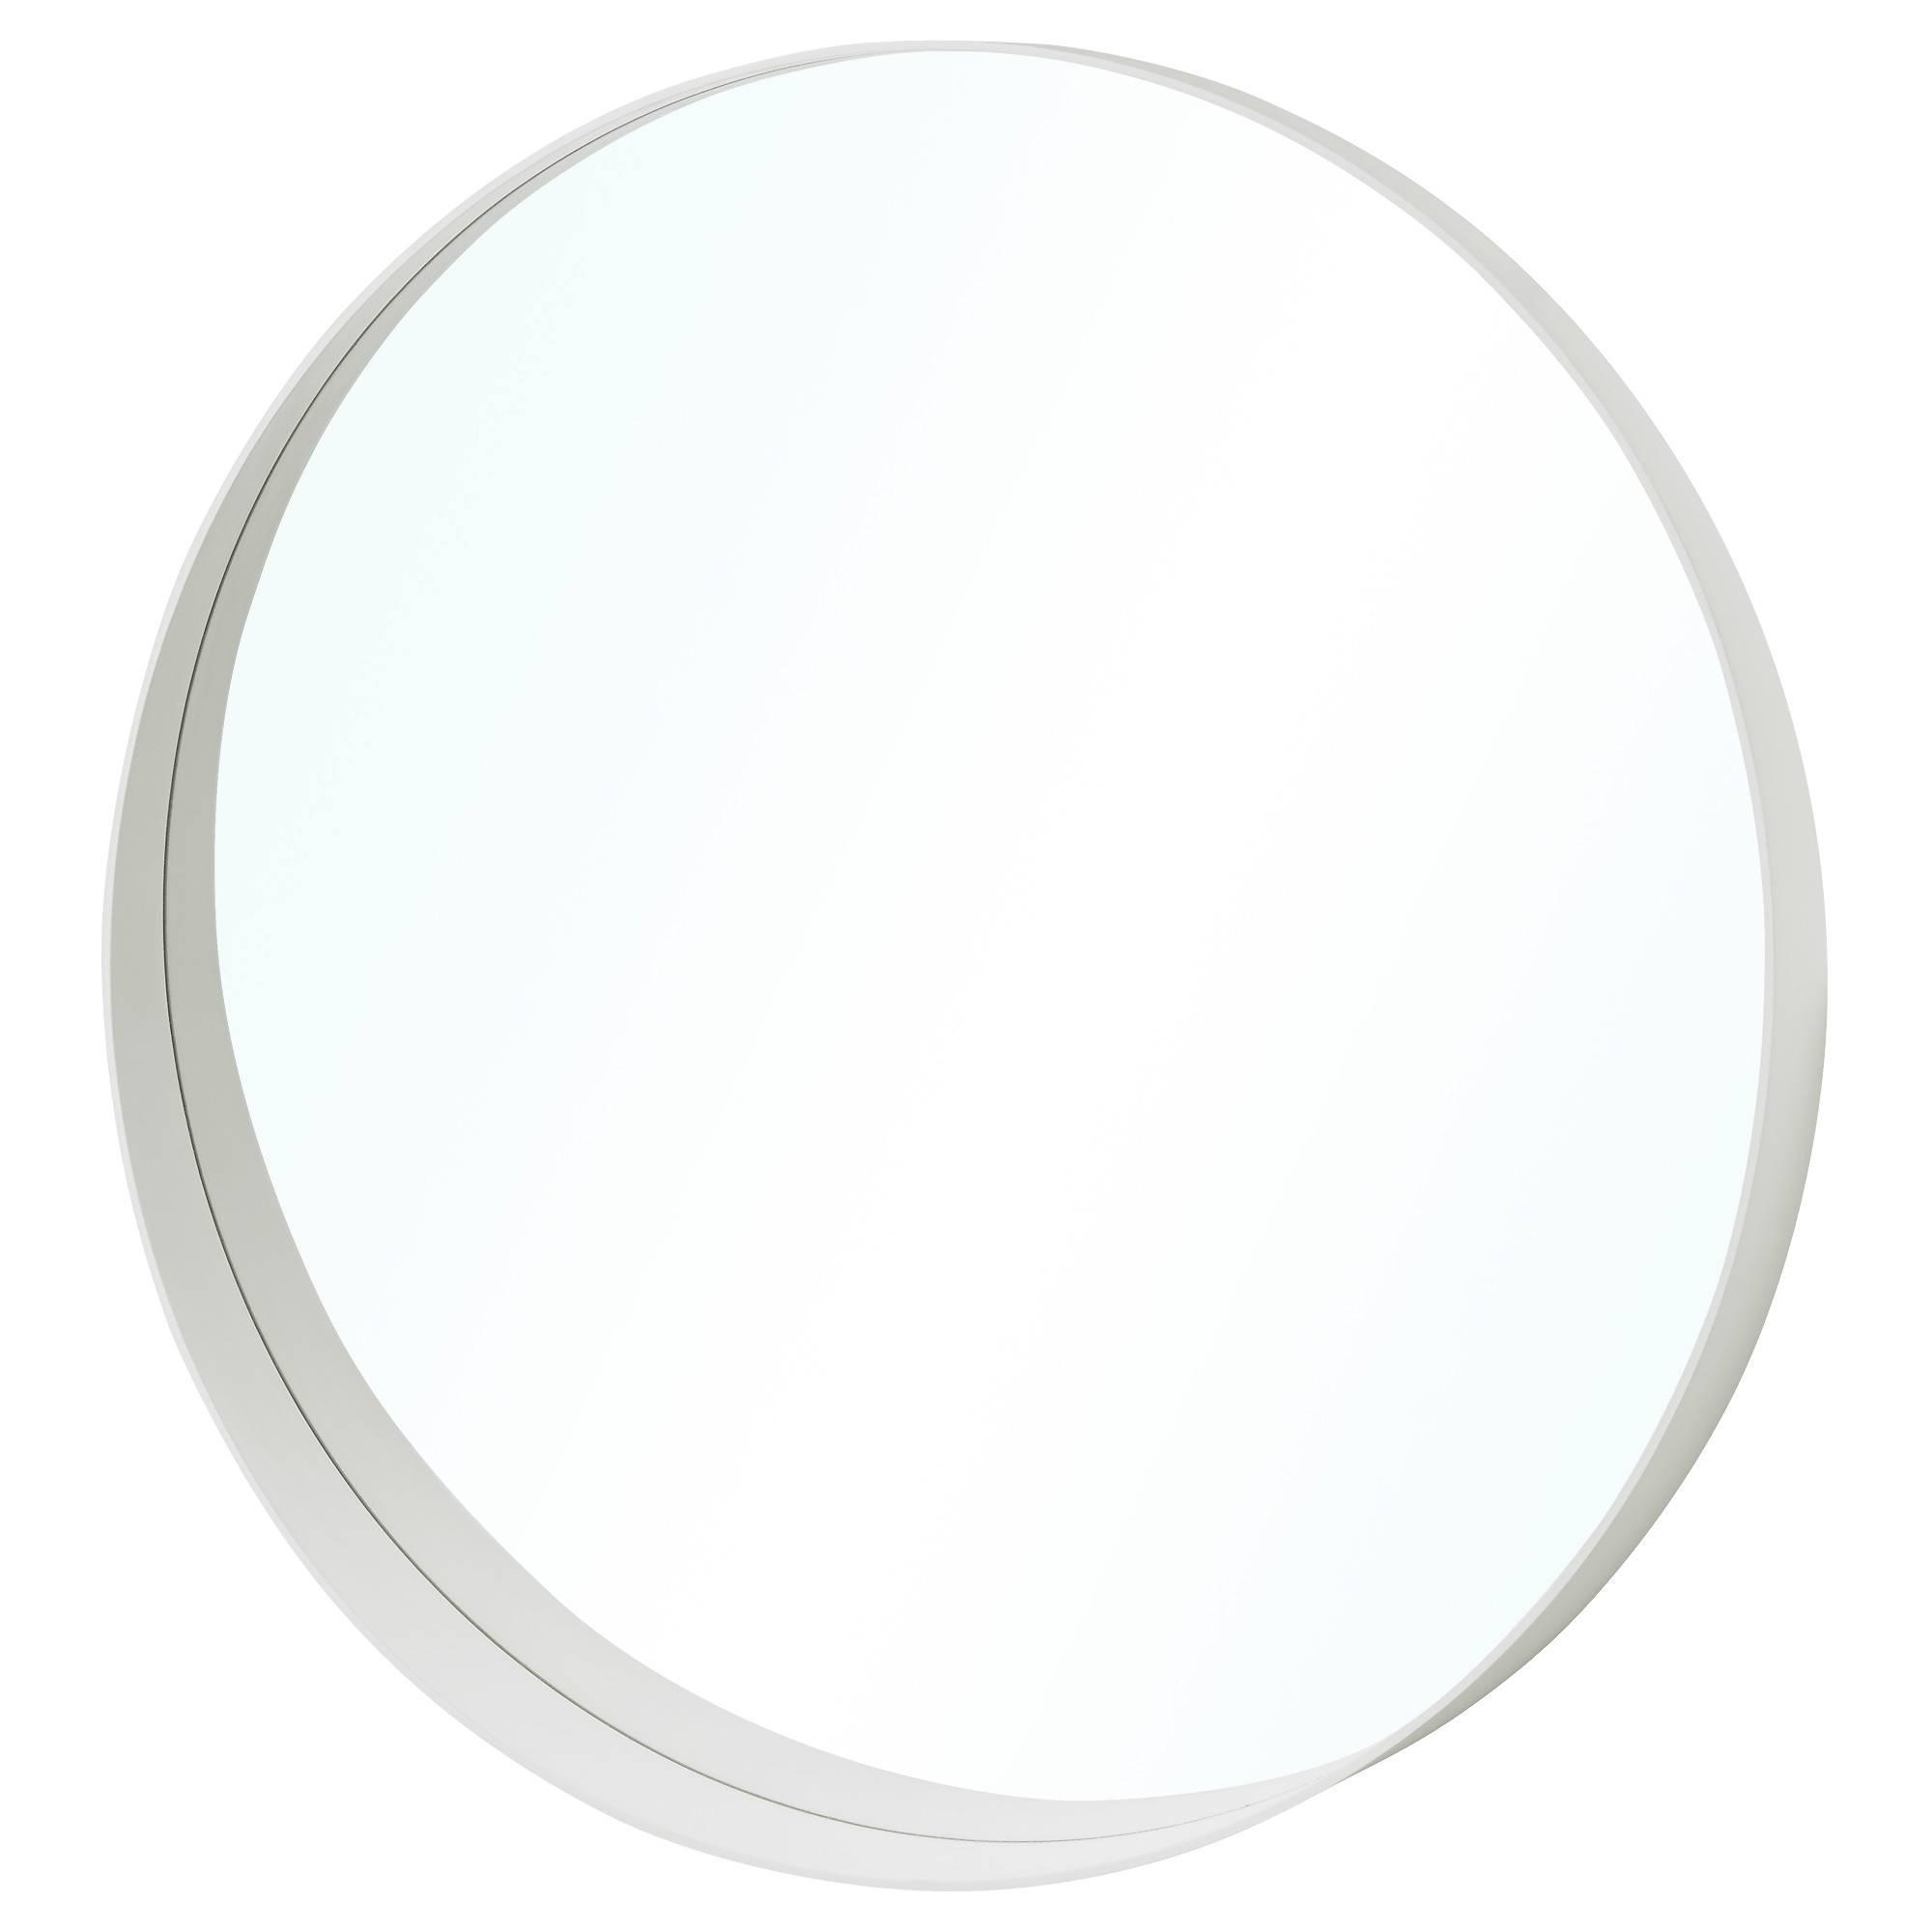 Round Mirrors - Mirrors - Ikea inside Round White Mirrors (Image 9 of 15)